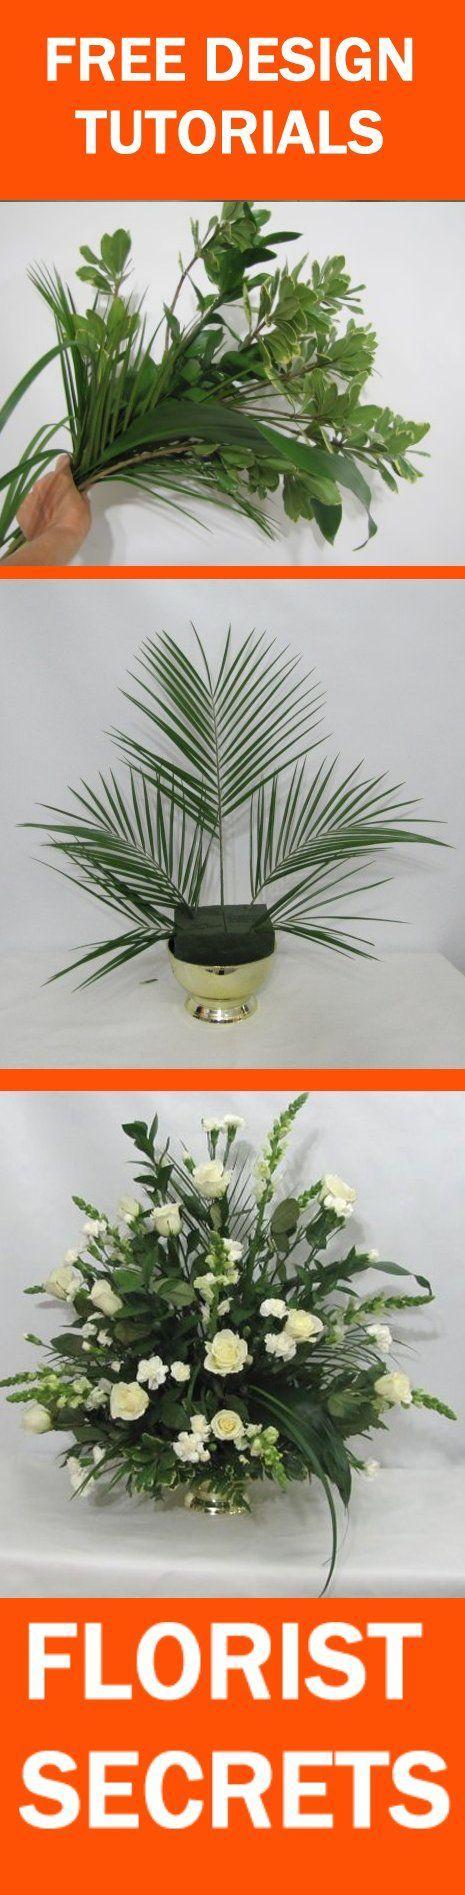 Church Wedding Flowers - Easy DIY Flower Tutorials